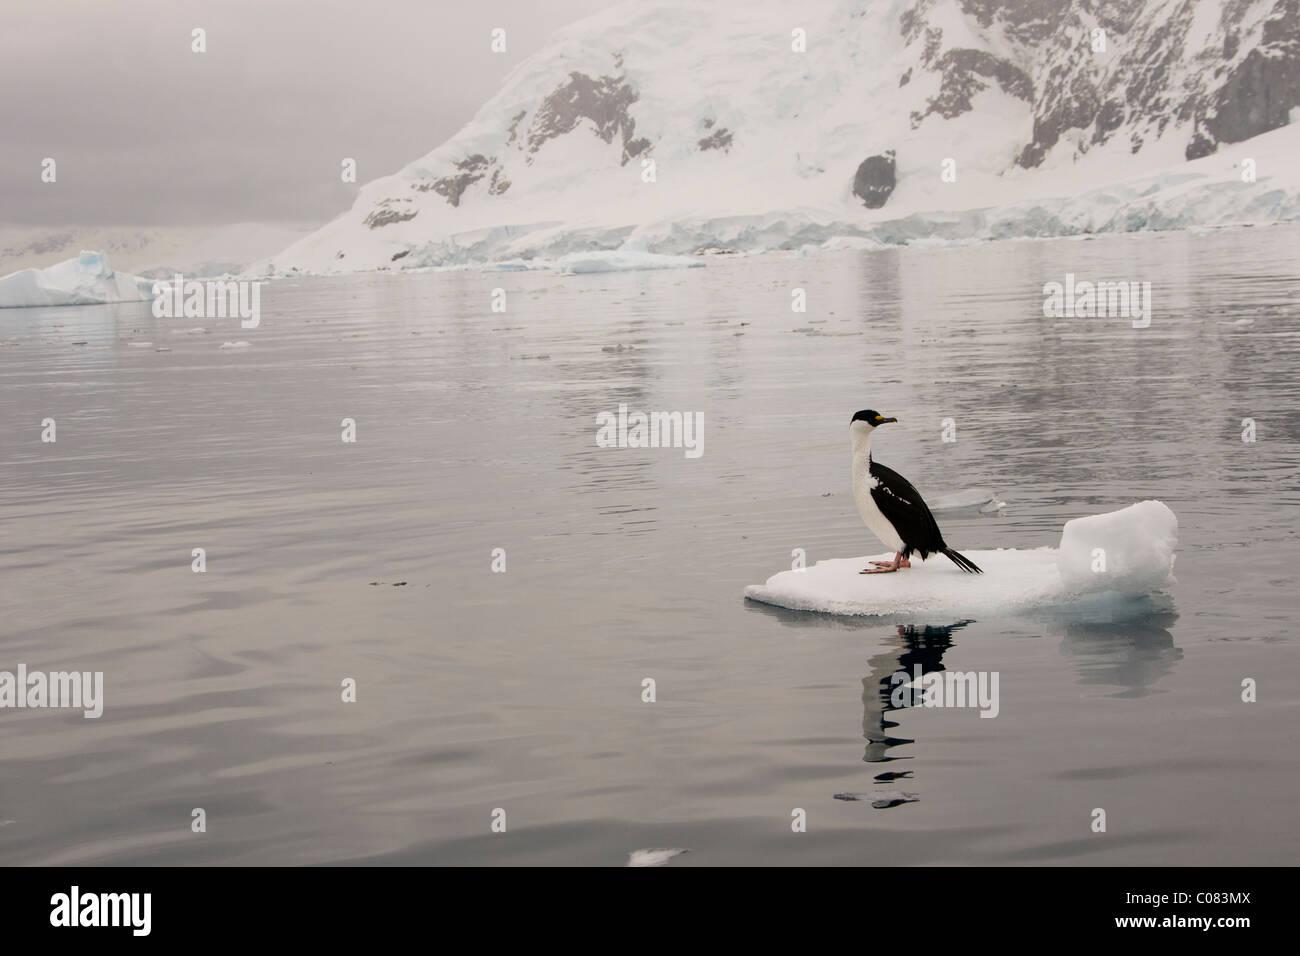 Erwachsenen Antarktis Shag sitzen auf Eis fließen, Browns Bluff, antarktische Halbinsel. Stockbild